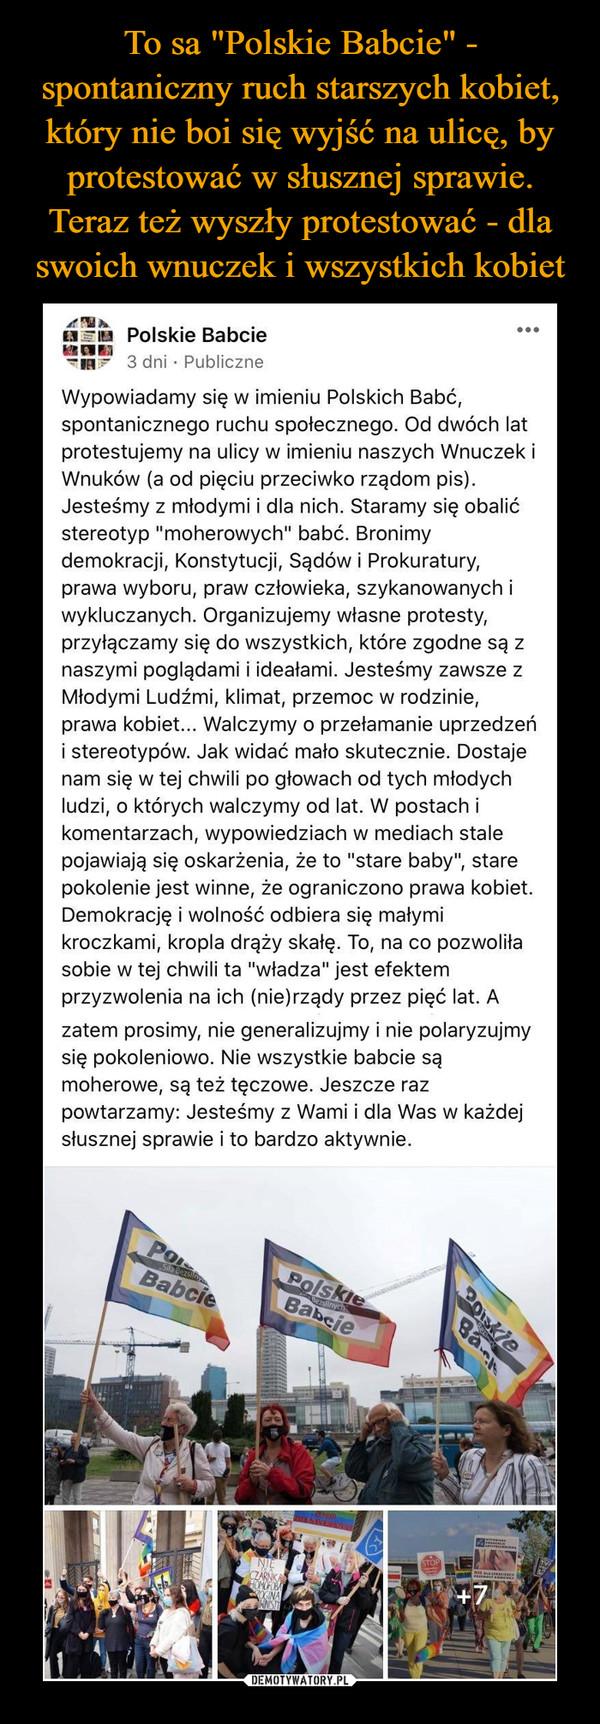 """–  ...Polskie Babcie3 dni · PubliczneWypowiadamy się w imieniu Polskich Babć,spontanicznego ruchu społecznego. Od dwóch latprotestujemy na ulicy w imieniu naszych Wnuczek iWnuków (a od pięciu przeciwko rządom pis).Jesteśmy z młodymi i dla nich. Staramy się obalićstereotyp """"moherowych"""" babć. Bronimydemokracji, Konstytucji, Sądów i Prokuratury,prawa wyboru, praw człowieka, szykanowanych iwykluczanych. Organizujemy własne protesty,przyłączamy się do wszystkich, które zgodne są znaszymi poglądami i ideałami. Jesteśmy zawsze zMłodymi Ludźmi, klimat, przemoc w rodzinie,prawa kobiet... Walczymy o przełamanie uprzedzeńi stereotypów. Jak widać mało skutecznie. Dostajenam się w tej chwili po głowach od tych młodychludzi, o których walczymy od lat. W postach ikomentarzach, wypowiedziach w mediach stalepojawiają się oskarżenia, że to """"stare baby"""", starepokolenie jest winne, że ograniczono prawa kobiet.Demokrację i wolność odbiera się małymikroczkami, kropla drąży skałę. To, na co pozwoliłasobie w tej chwili ta """"władza"""" jest efektemprzyzwolenia na ich (nie)rządy przez pięć lat. Azatem prosimy, nie generalizujmy i nie polaryzujmysię pokoleniowo. Nie wszystkie babcie sąmoherowe, są też tęczowe. Jeszcze razpowtarzamy: Jesteśmy z Wami i dla Was w każdejsłusznej sprawie i to bardzo aktywnie.POPolskieBabcieSita BezsilnyBabcieBezsilnychNIECZARNKHOMOFOBABak"""